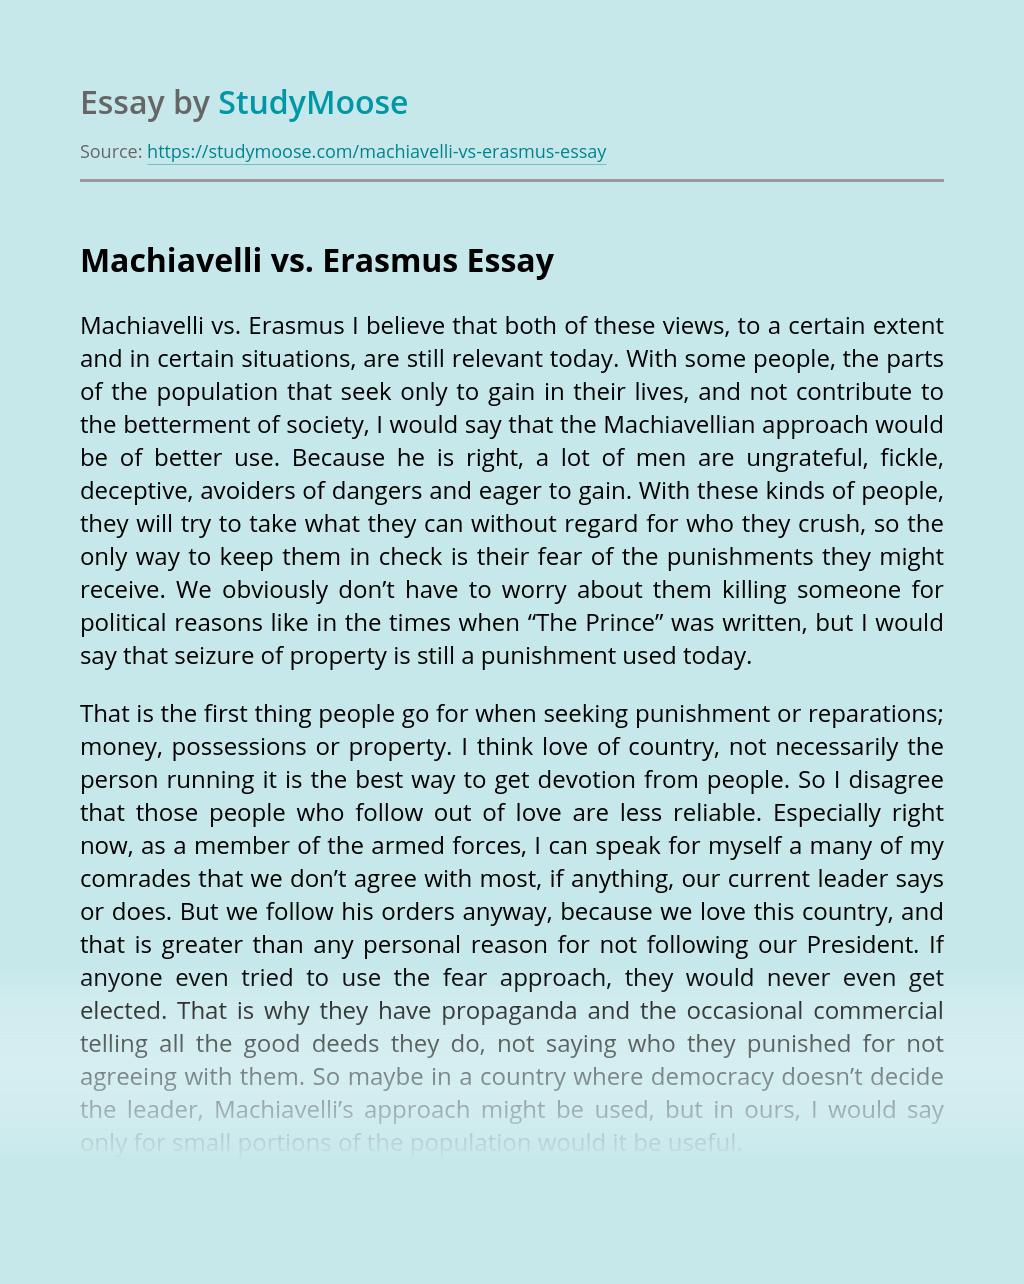 Machiavelli vs. Erasmus